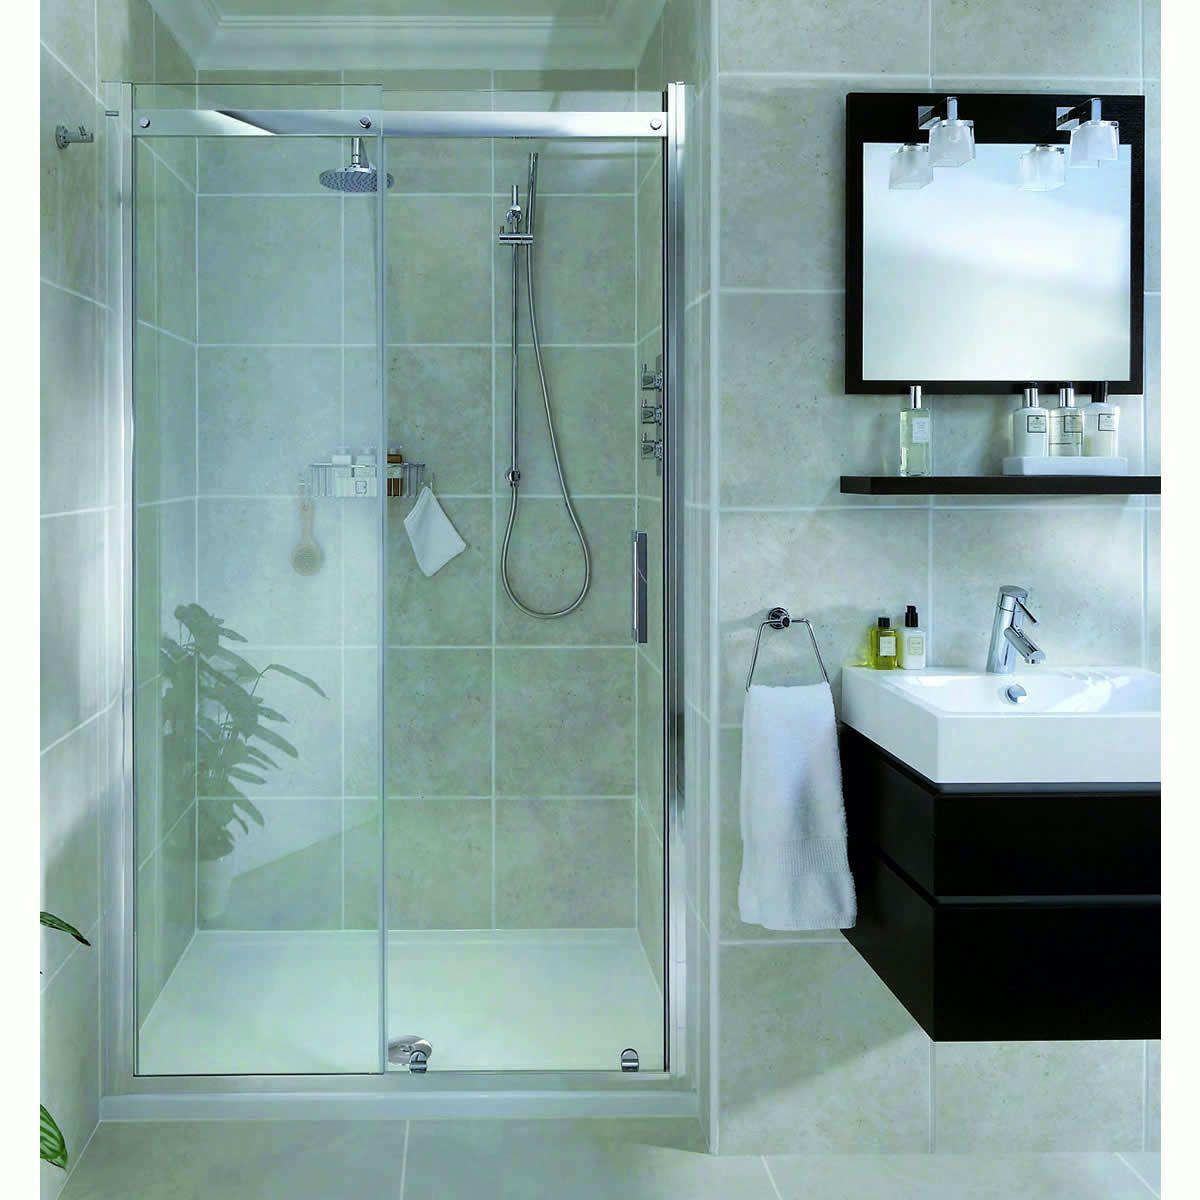 Aqata Spectra Sliding Shower Door SP300 (Recess) : UK Bathrooms